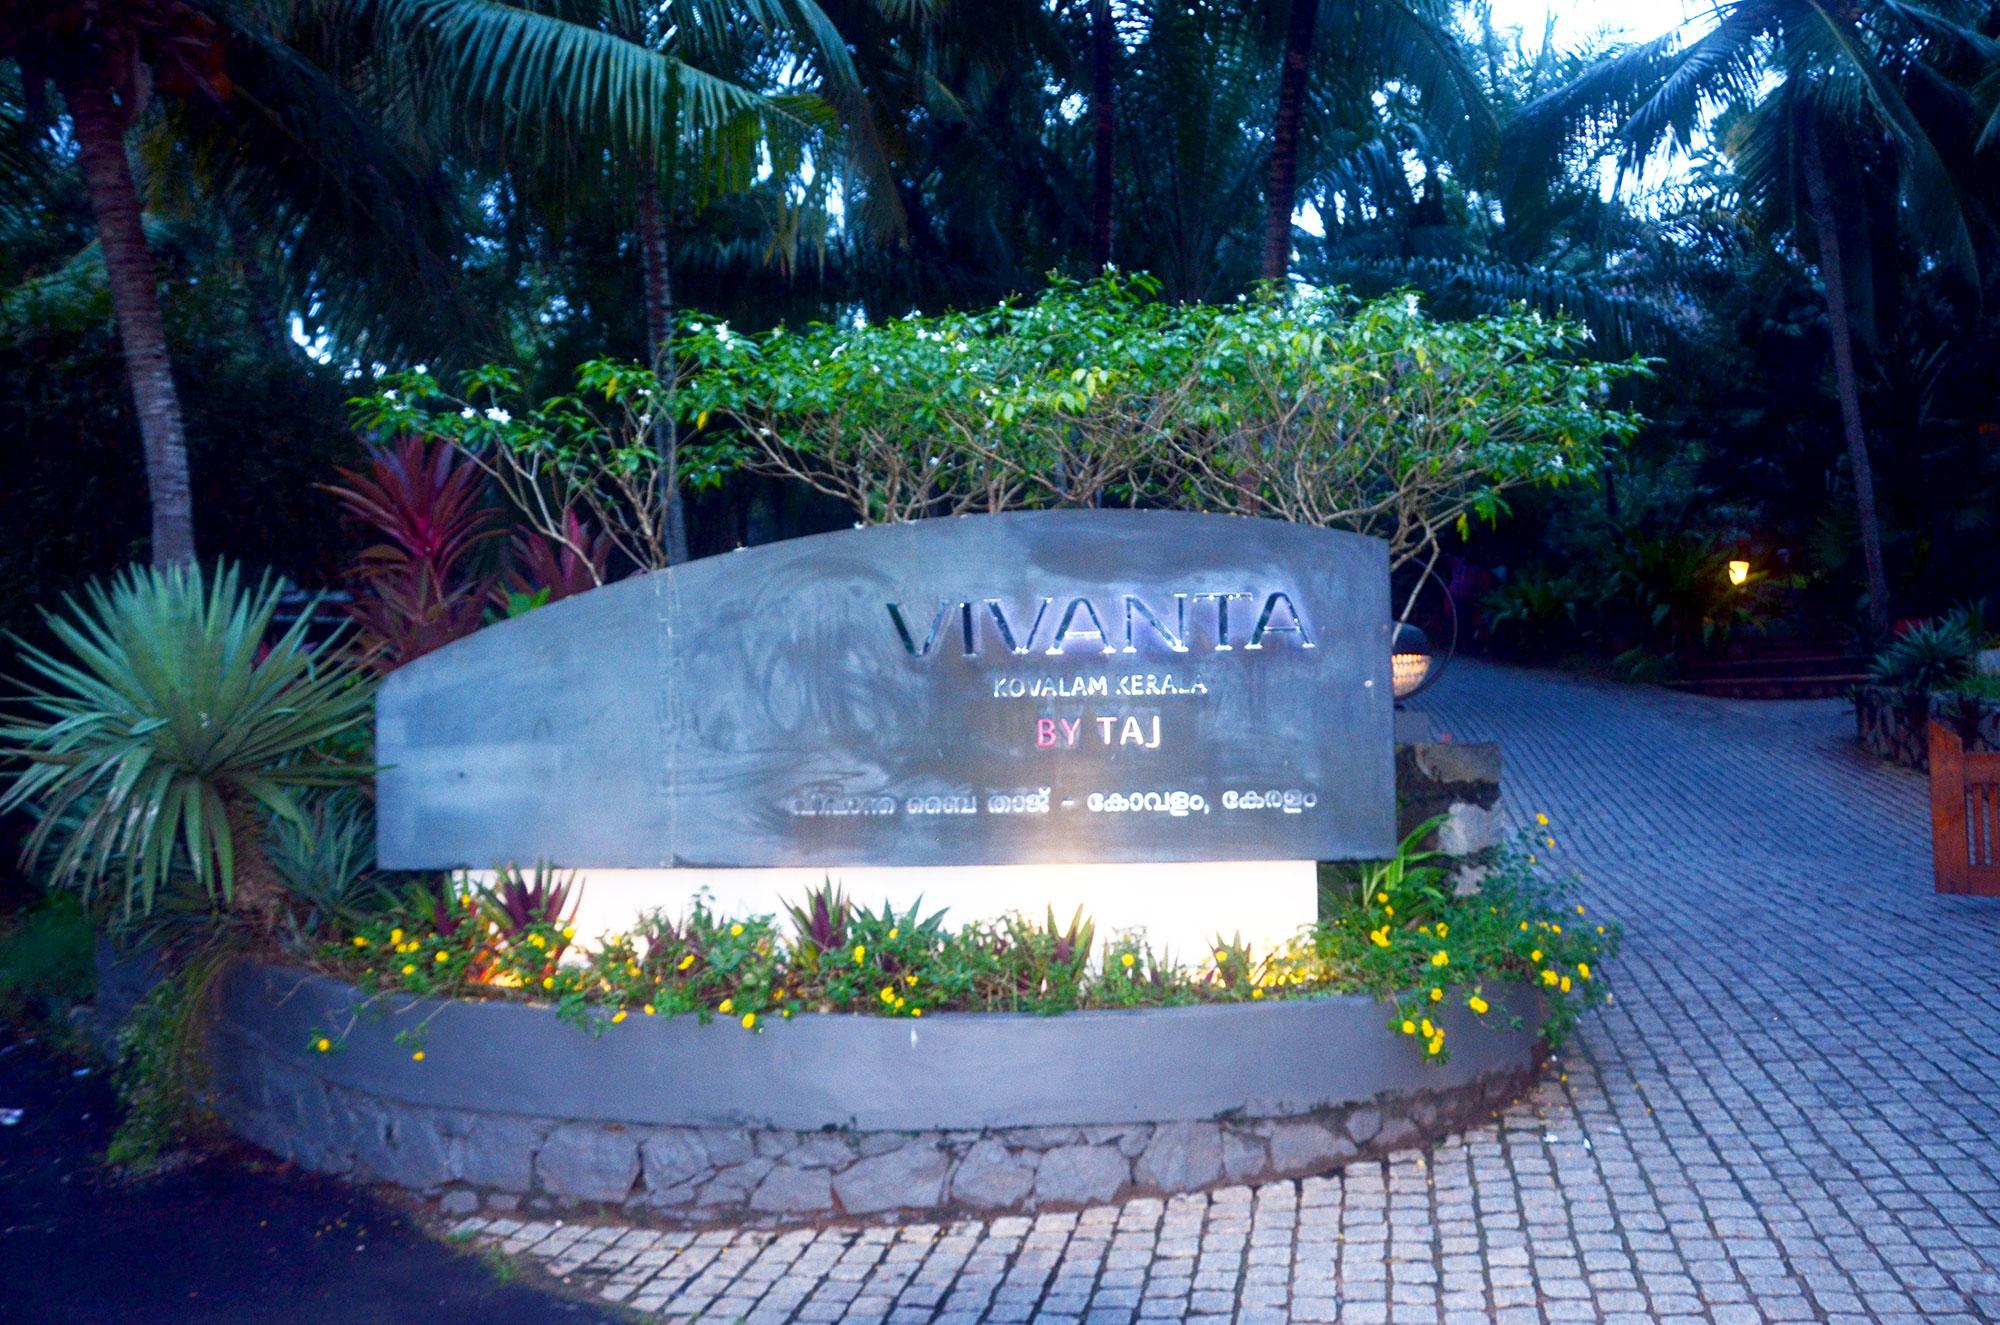 taj vivanta entrance